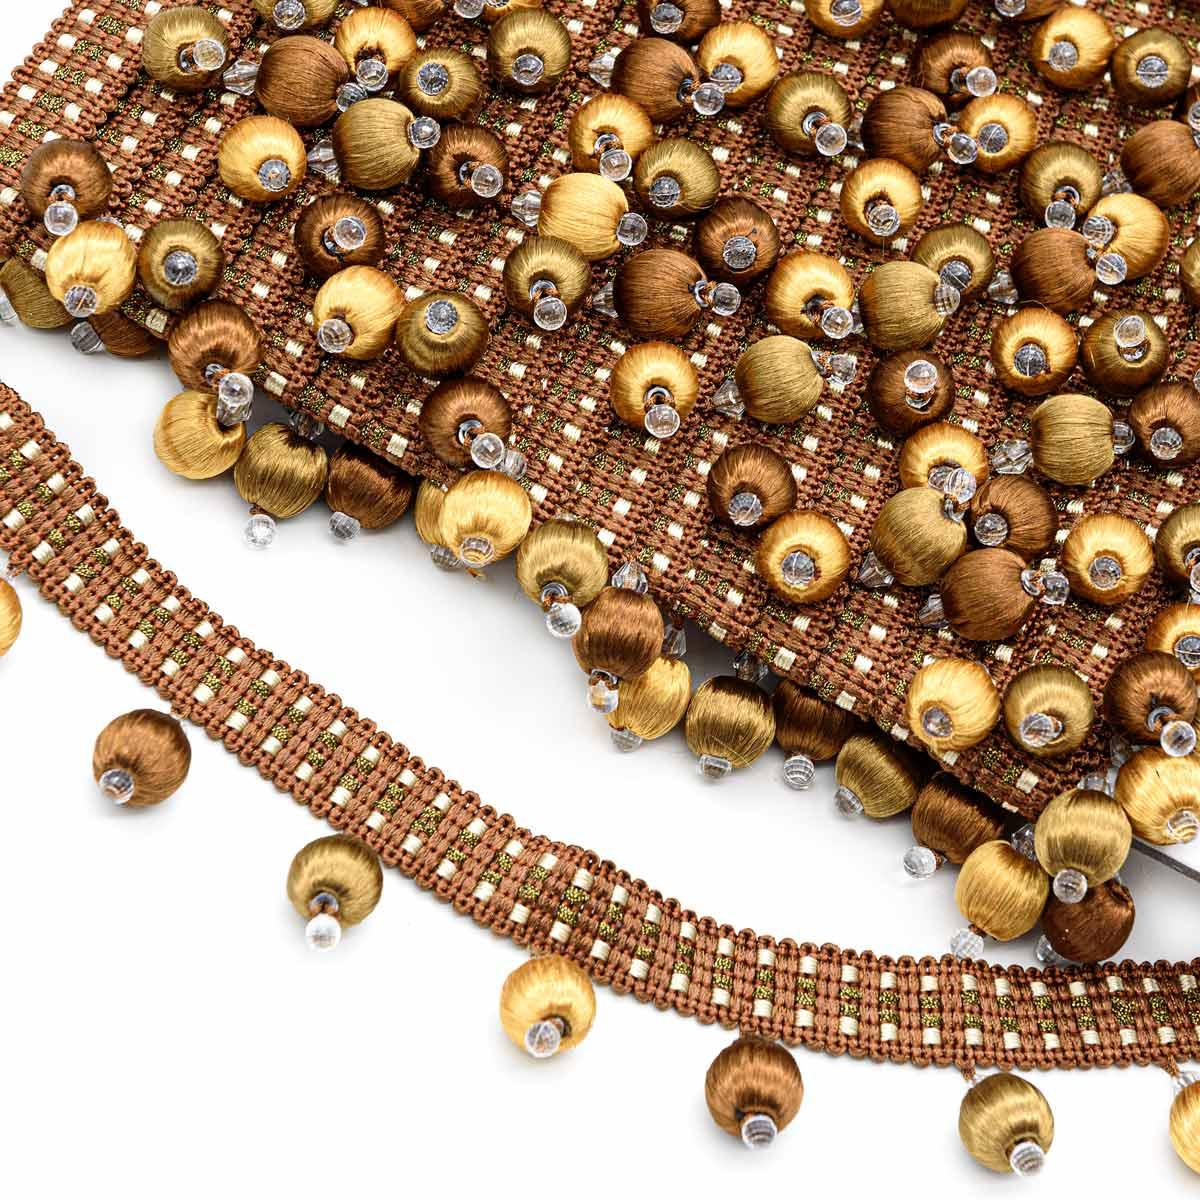 MZ2018-5 коричневый/золото бахрома 'Бубенчики-шарики' (5 см/D1,5см/12 м)